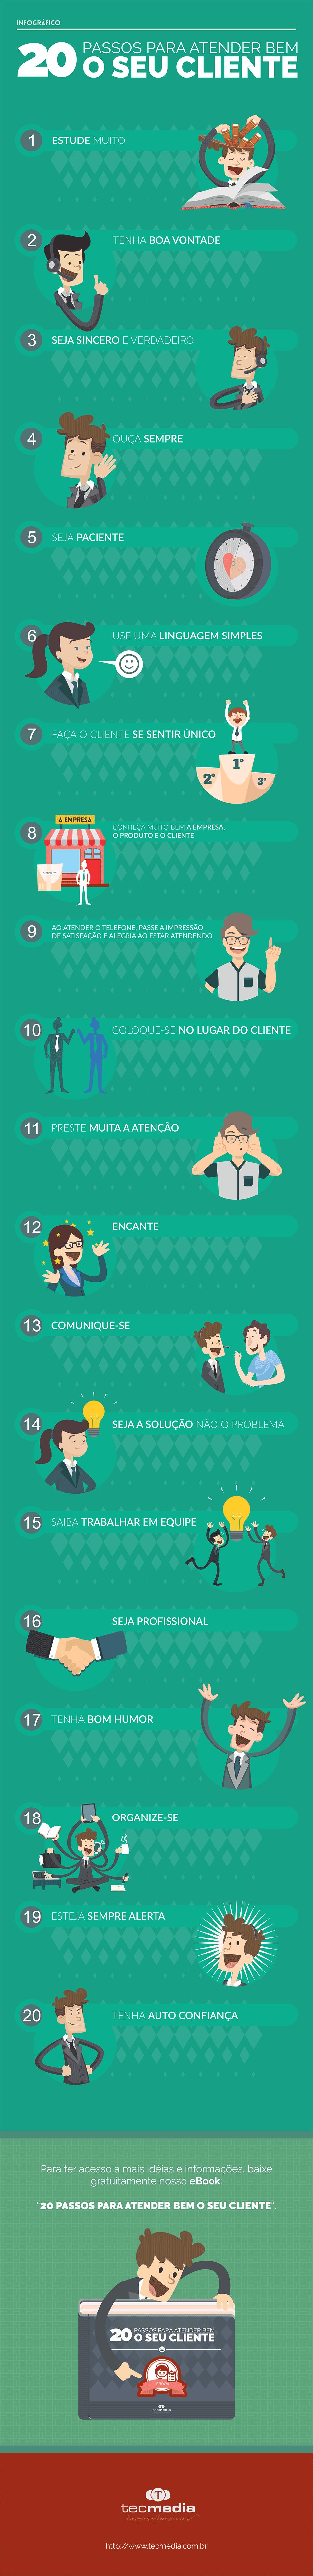 """infográfico """"20 passos para atender bem o seu cliente"""""""